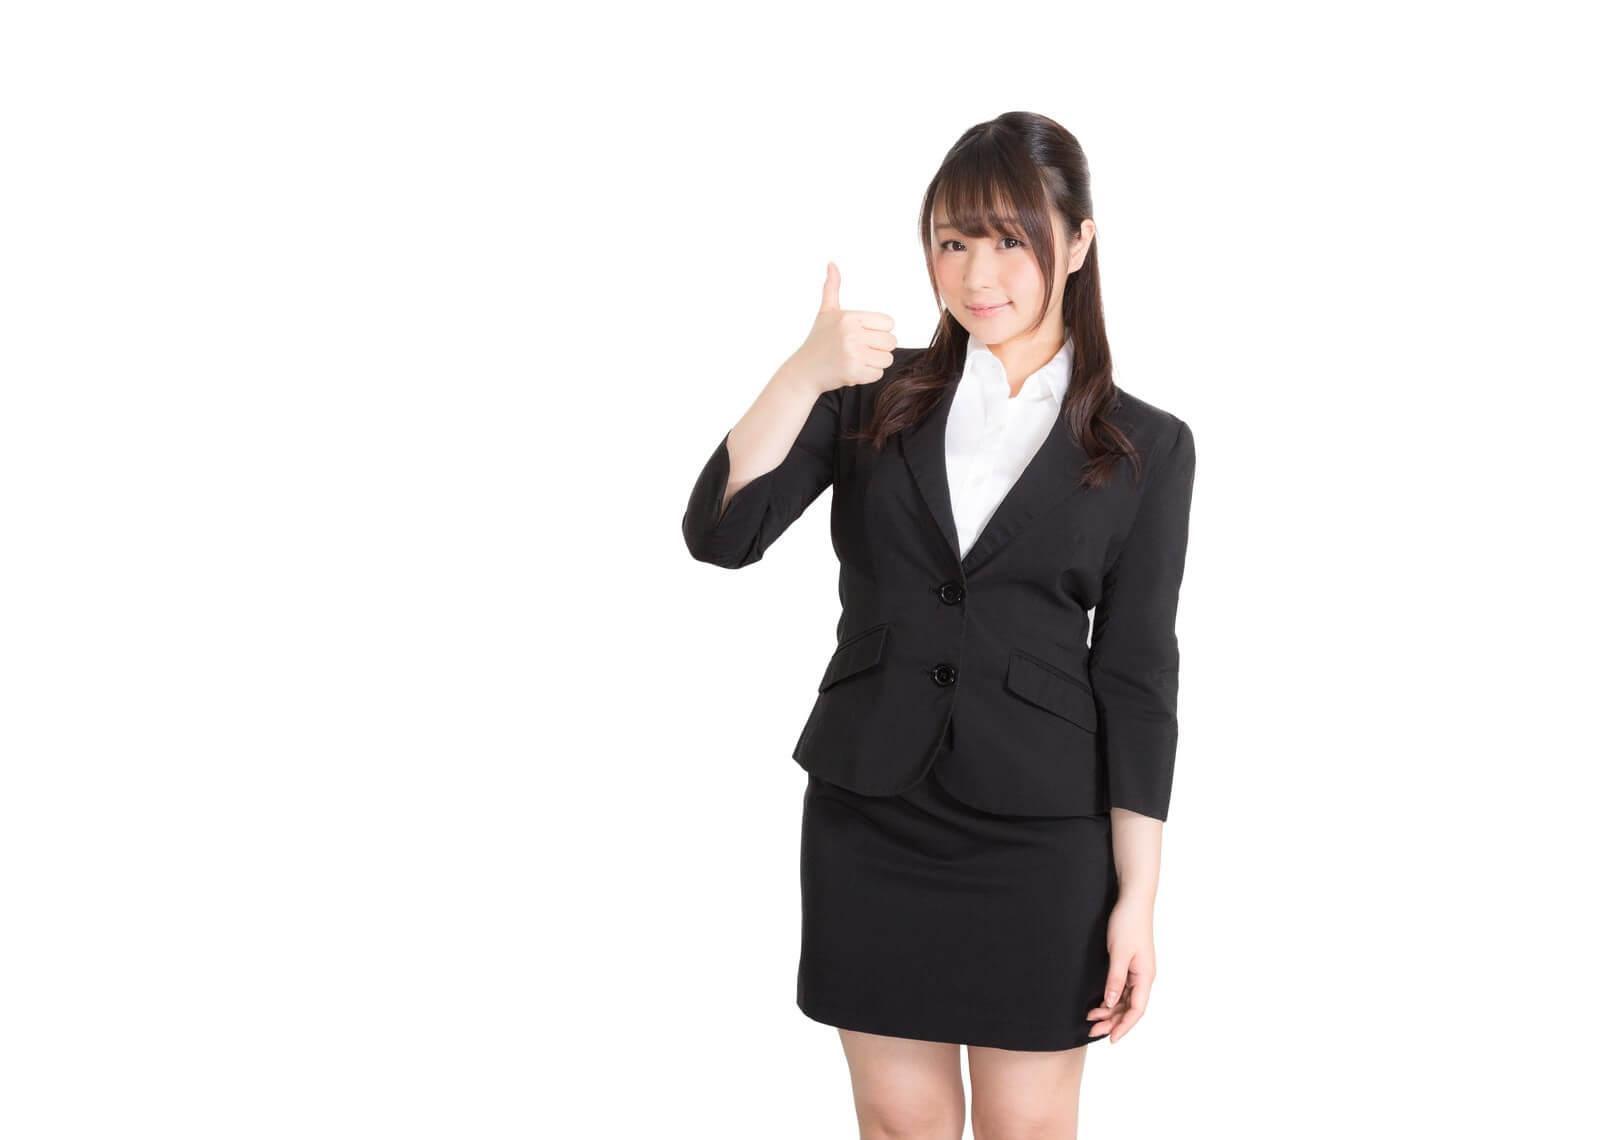 スゴい電話(すごい電話)の用途利用シーンを説明する女性